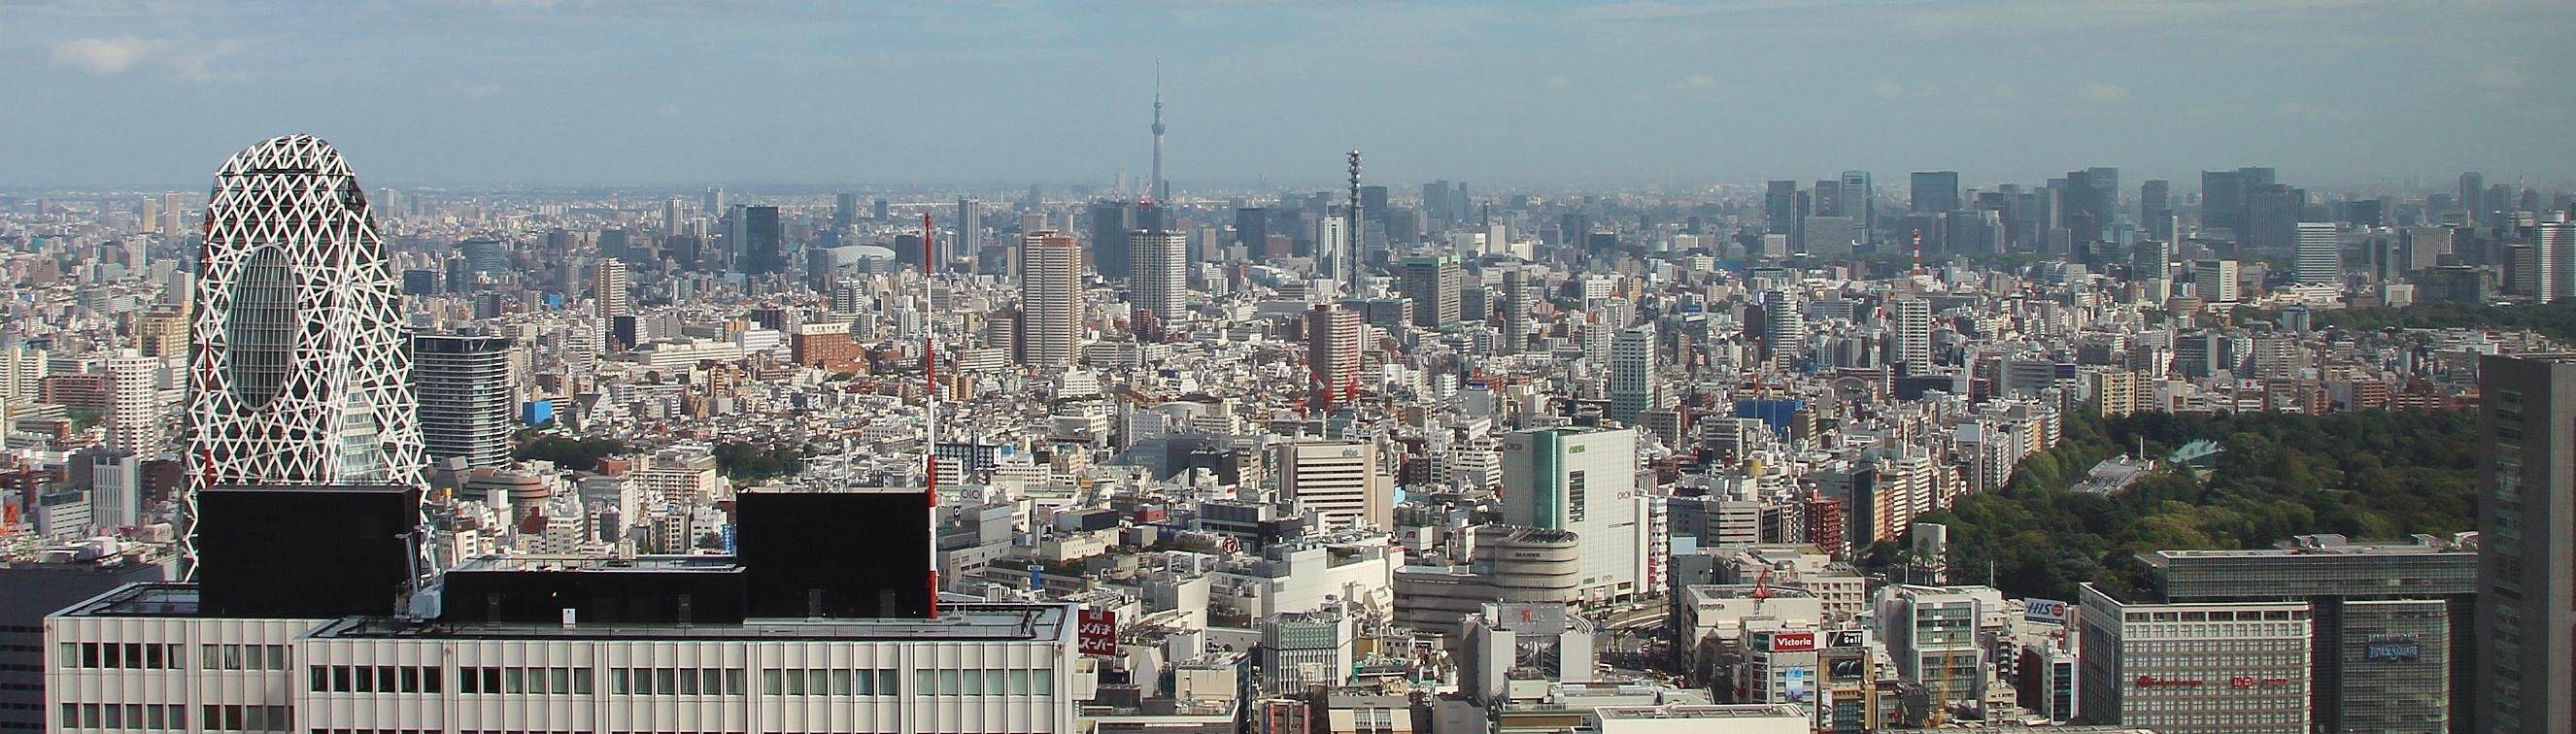 1 Tokio Ost